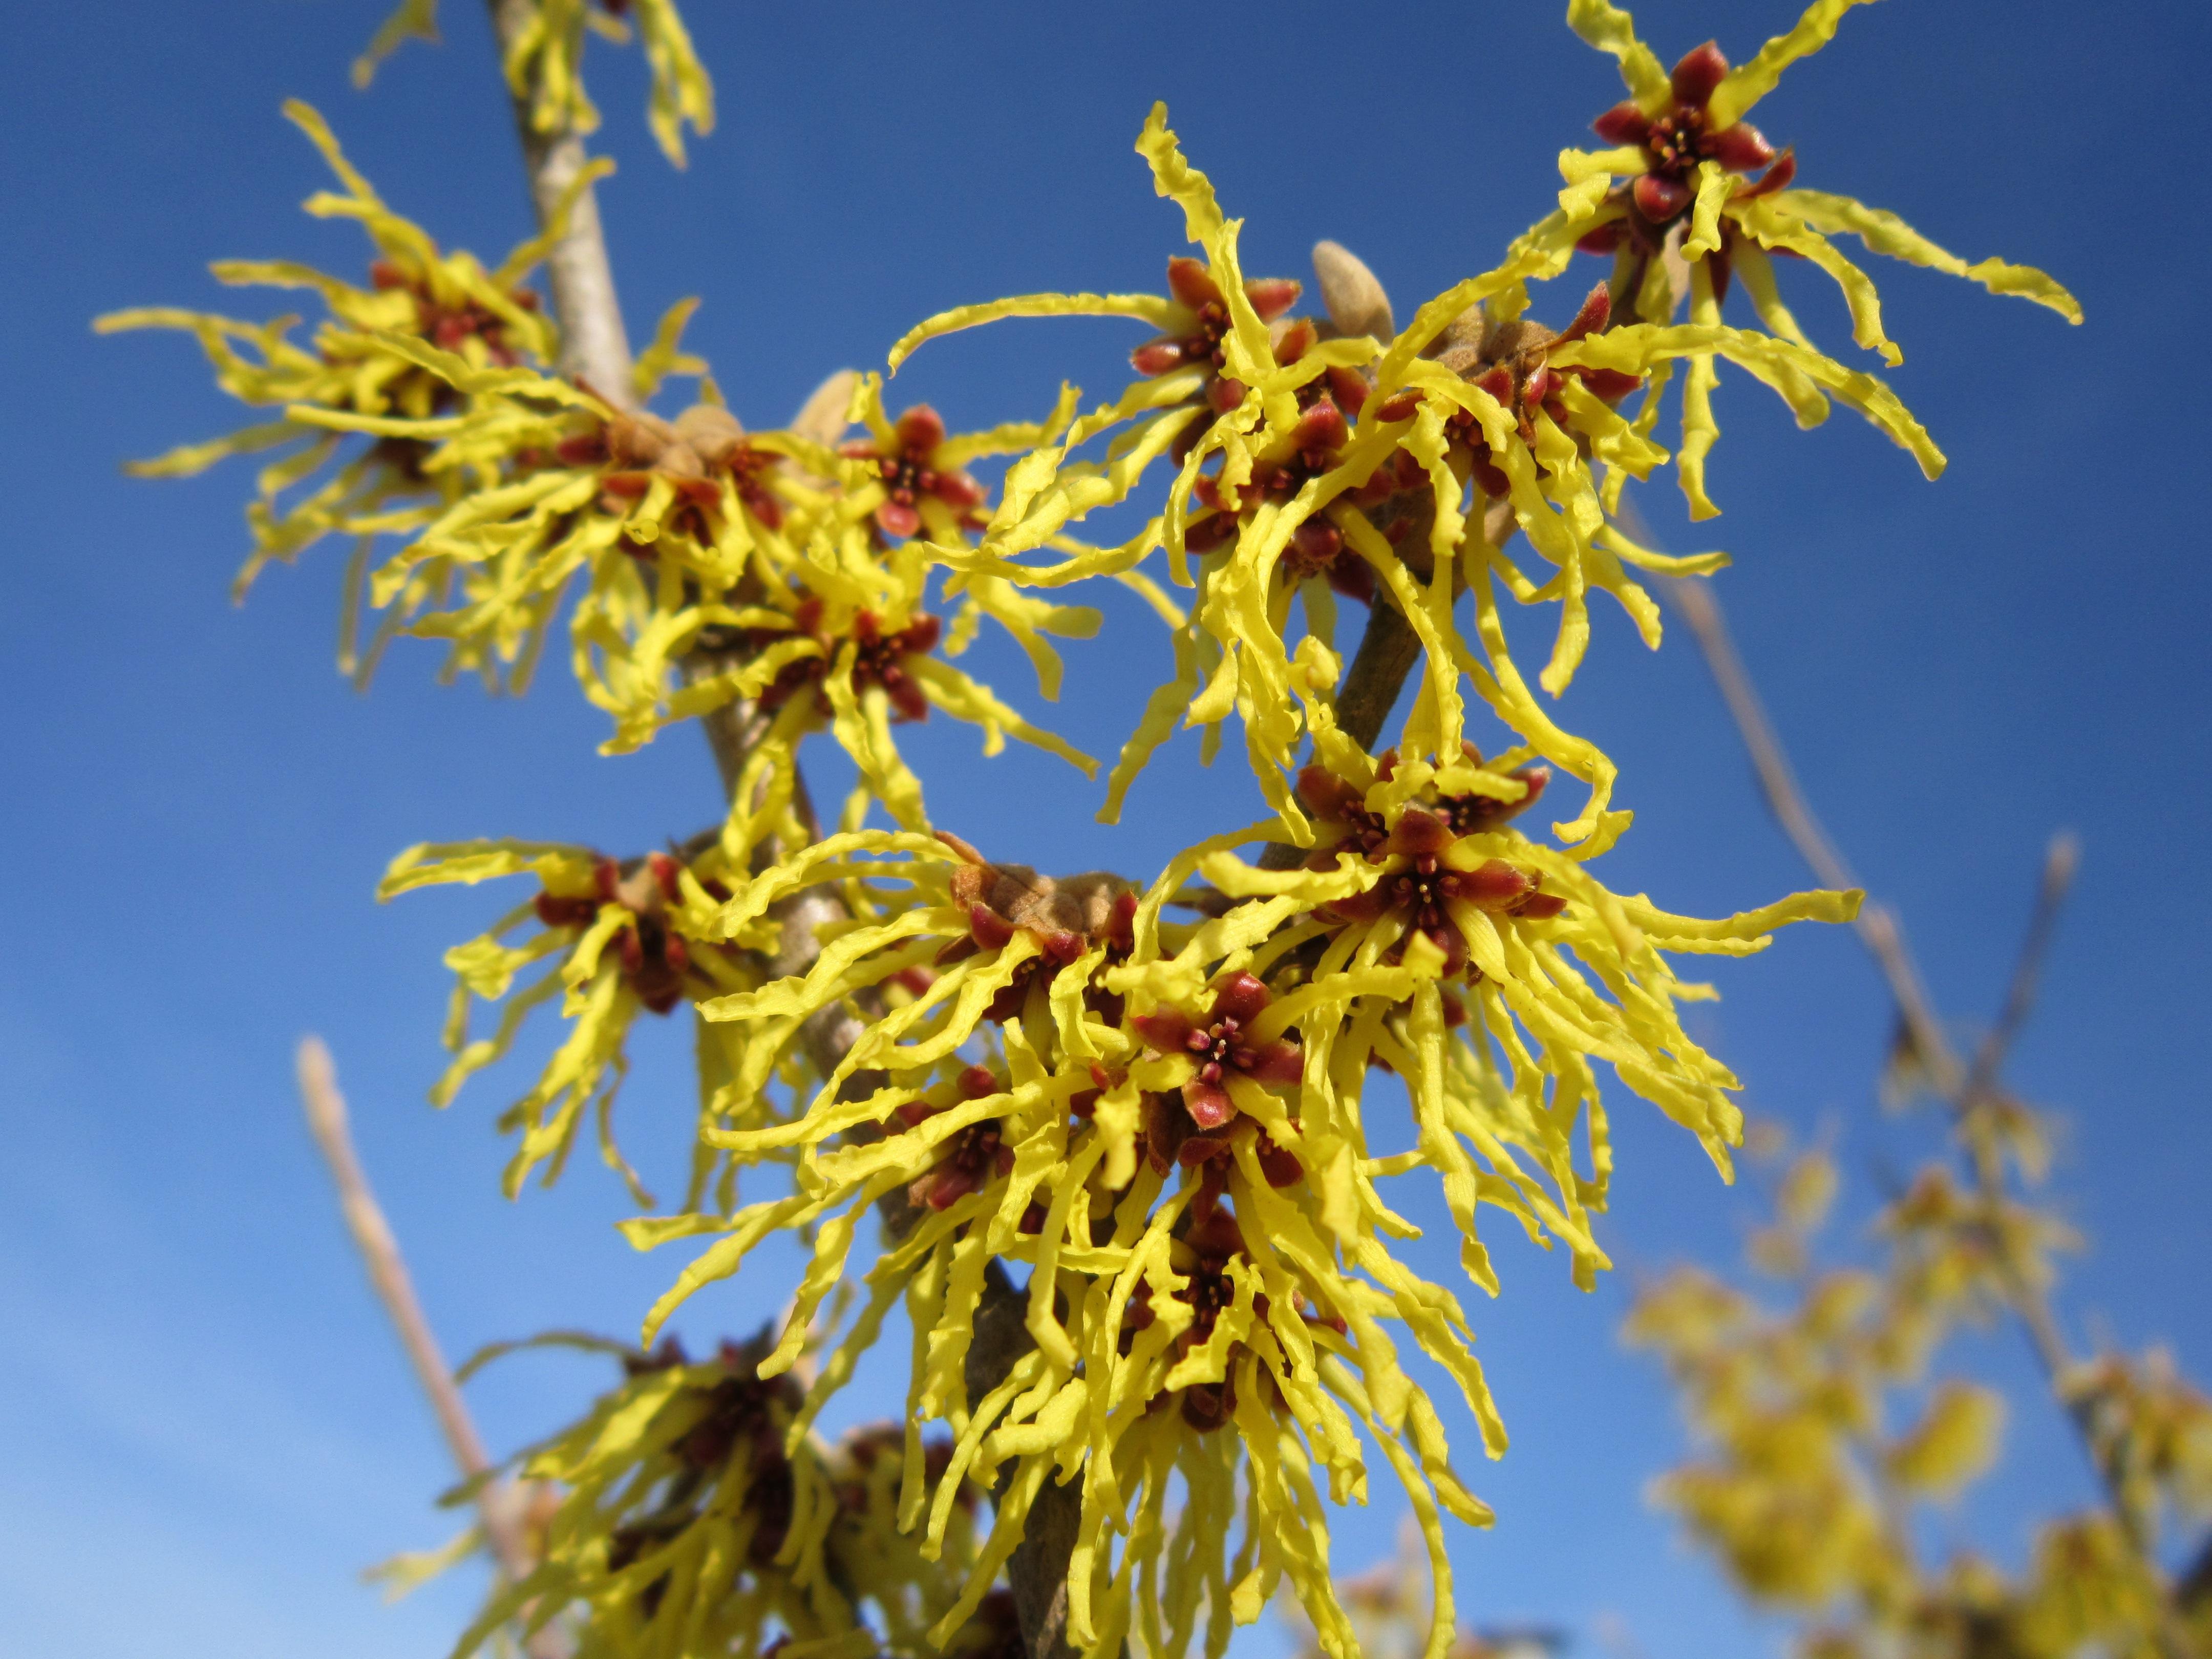 images gratuites arbre branche fleur ciel feuille buisson pollen produire l 39 automne. Black Bedroom Furniture Sets. Home Design Ideas